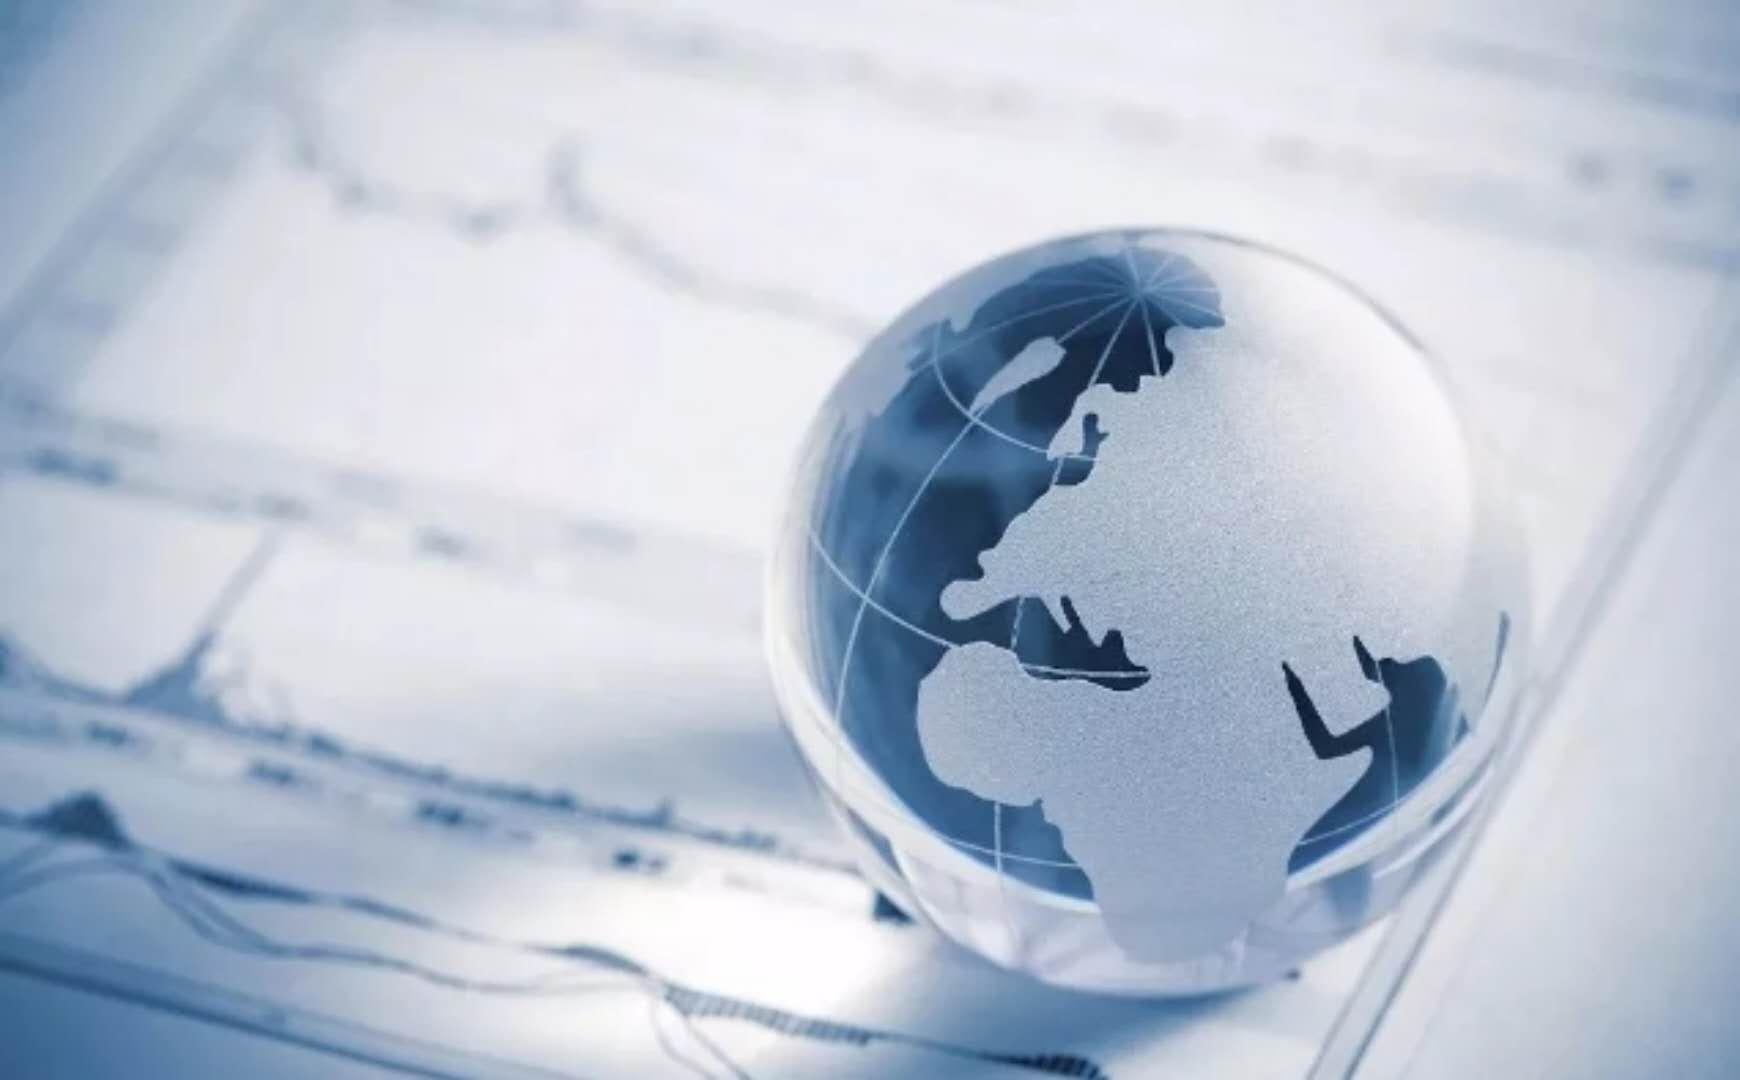 全球股票及衍生品宏观布局研讨会